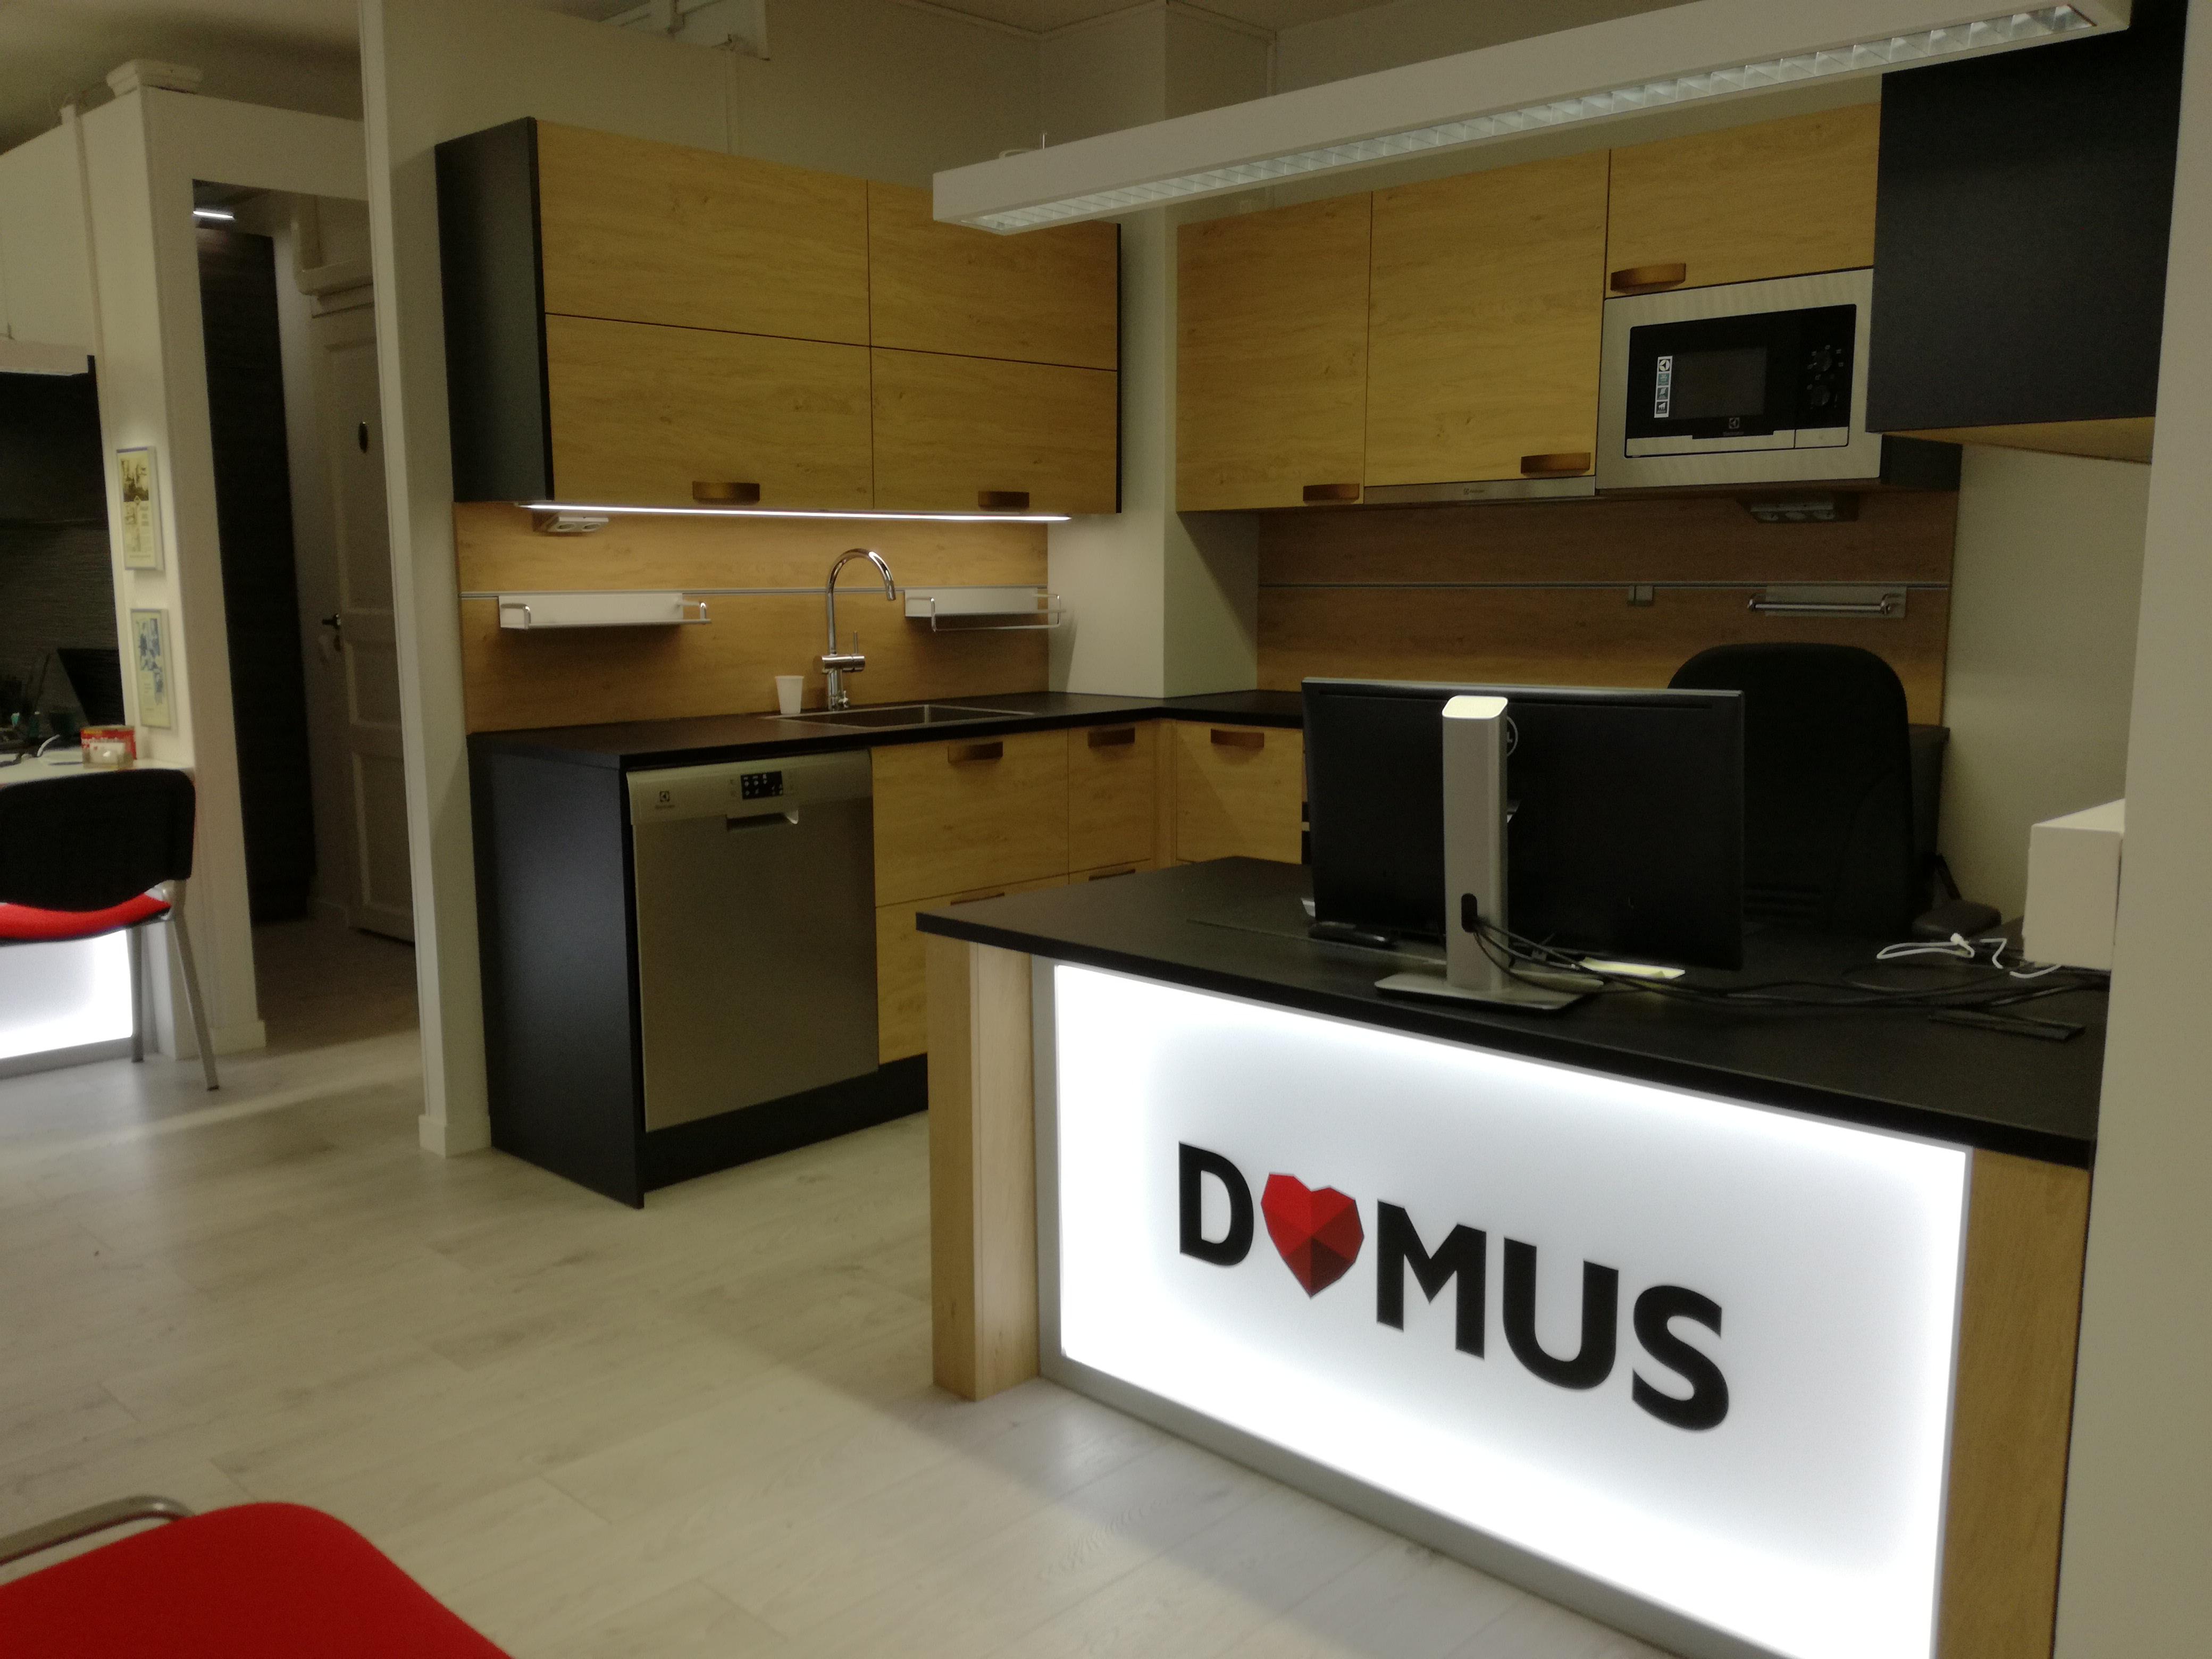 Tervetuloa uusittuun keittiökaluste ja ikkunamyymäläämme